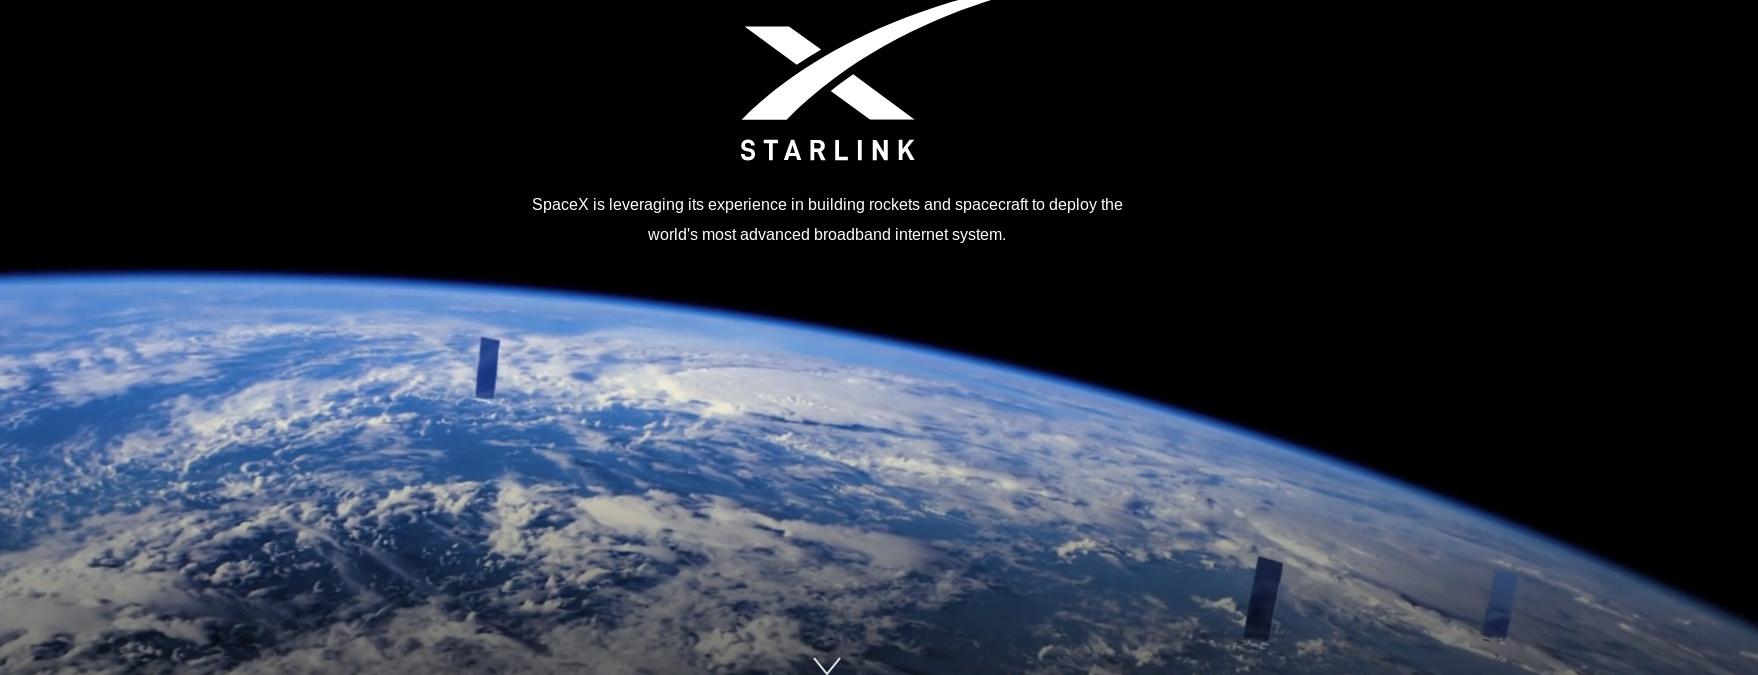 starlink_2.jpg.5077698e50689d7eb1769d6362aaddaa.jpg